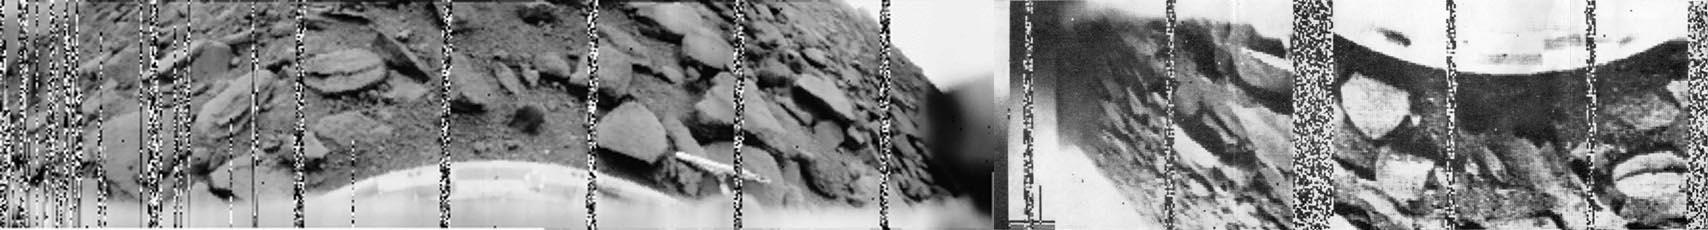 Венера или первые 60 kpx с другой планеты